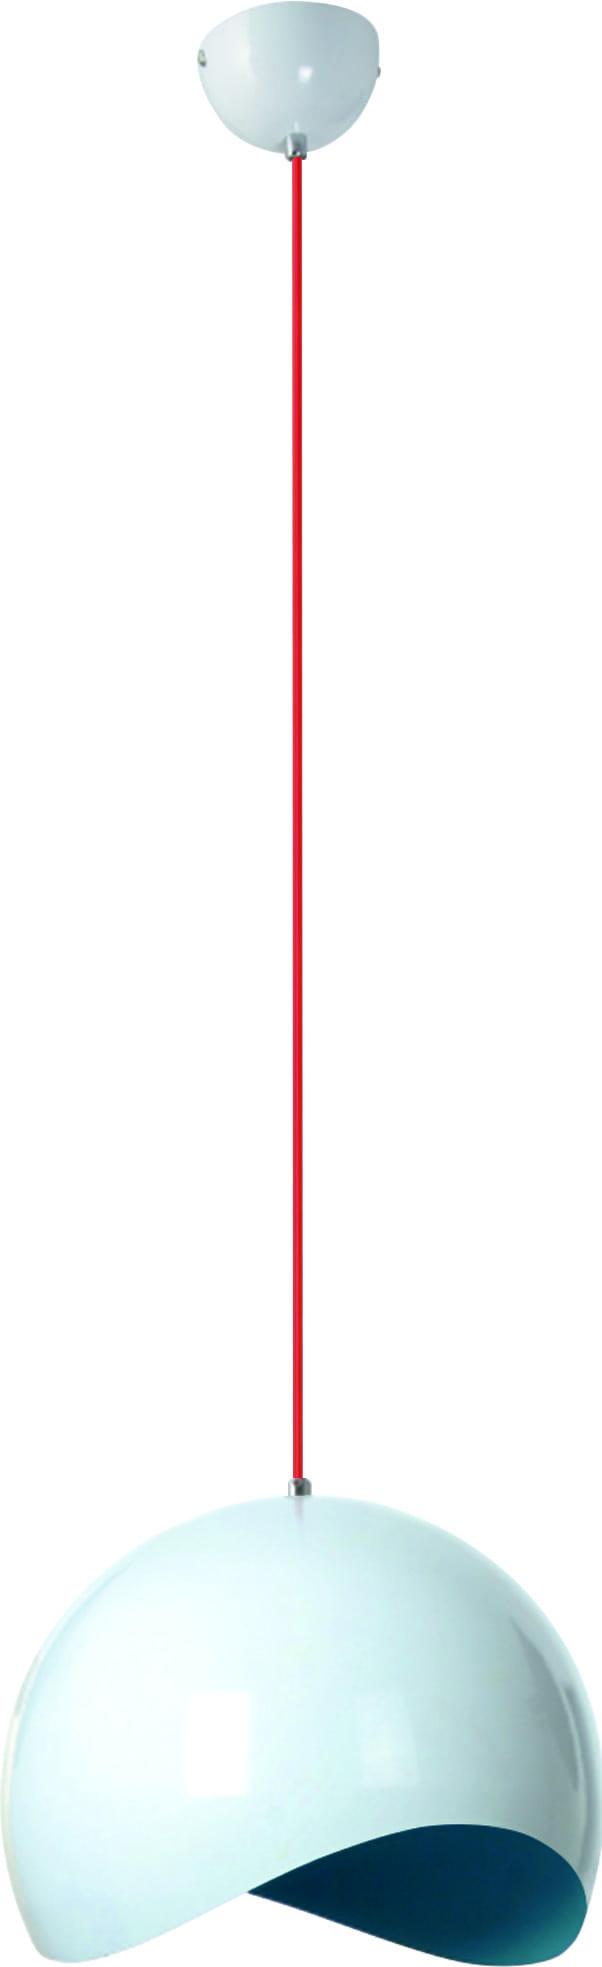 Biała Lampa wisząca Alena z niebieskim środkiem